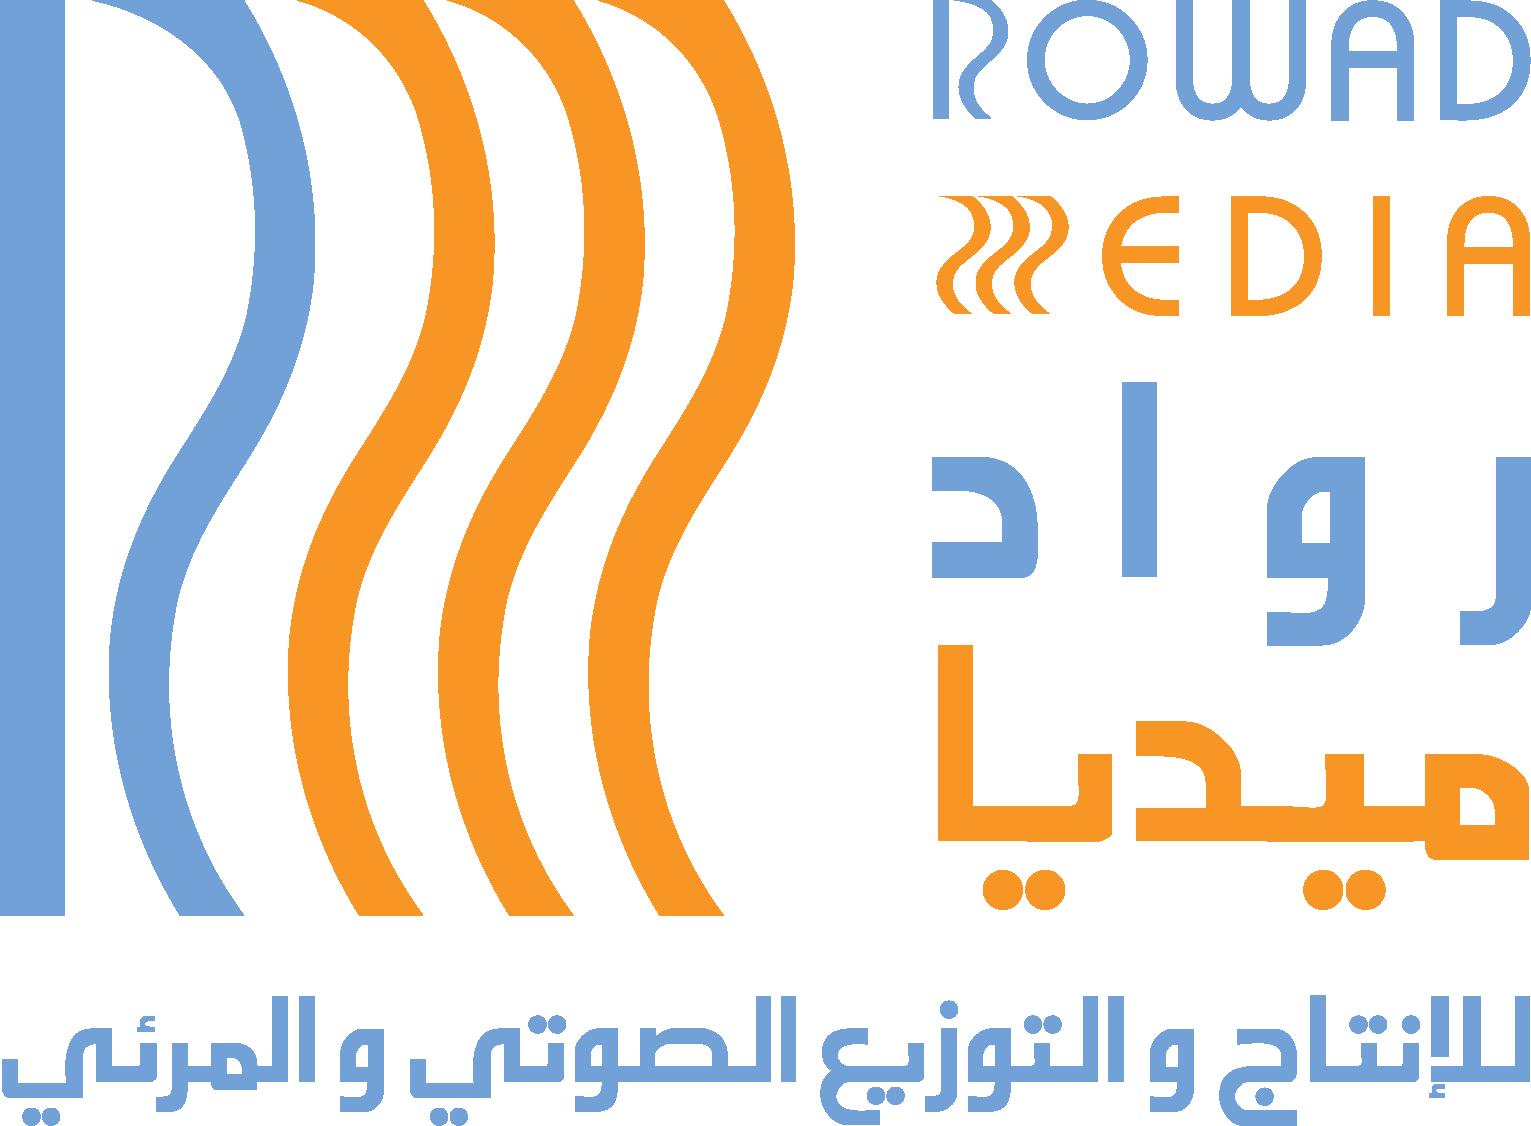 Rowadmedia